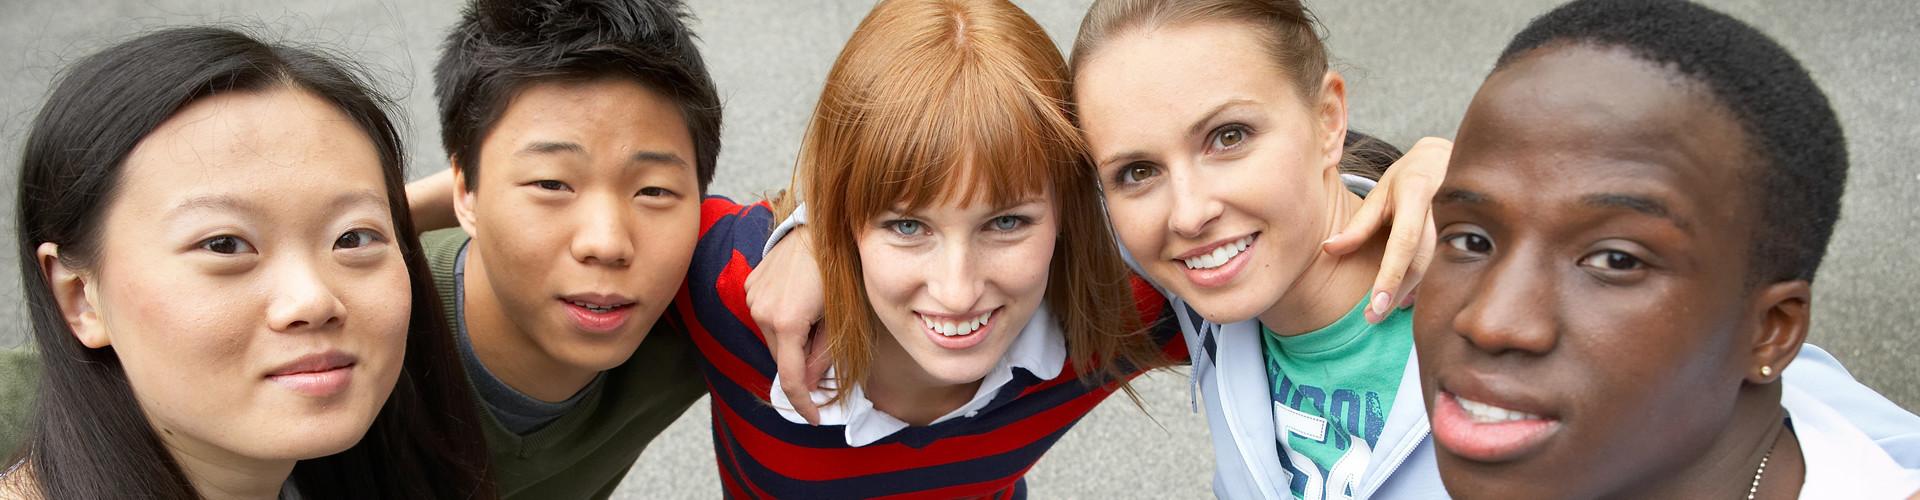 Fünf Personen unterschiedlicher Ethnie stehen Arm in Arm nebeneinander © Franz Pfluegl, stock.adobe.com